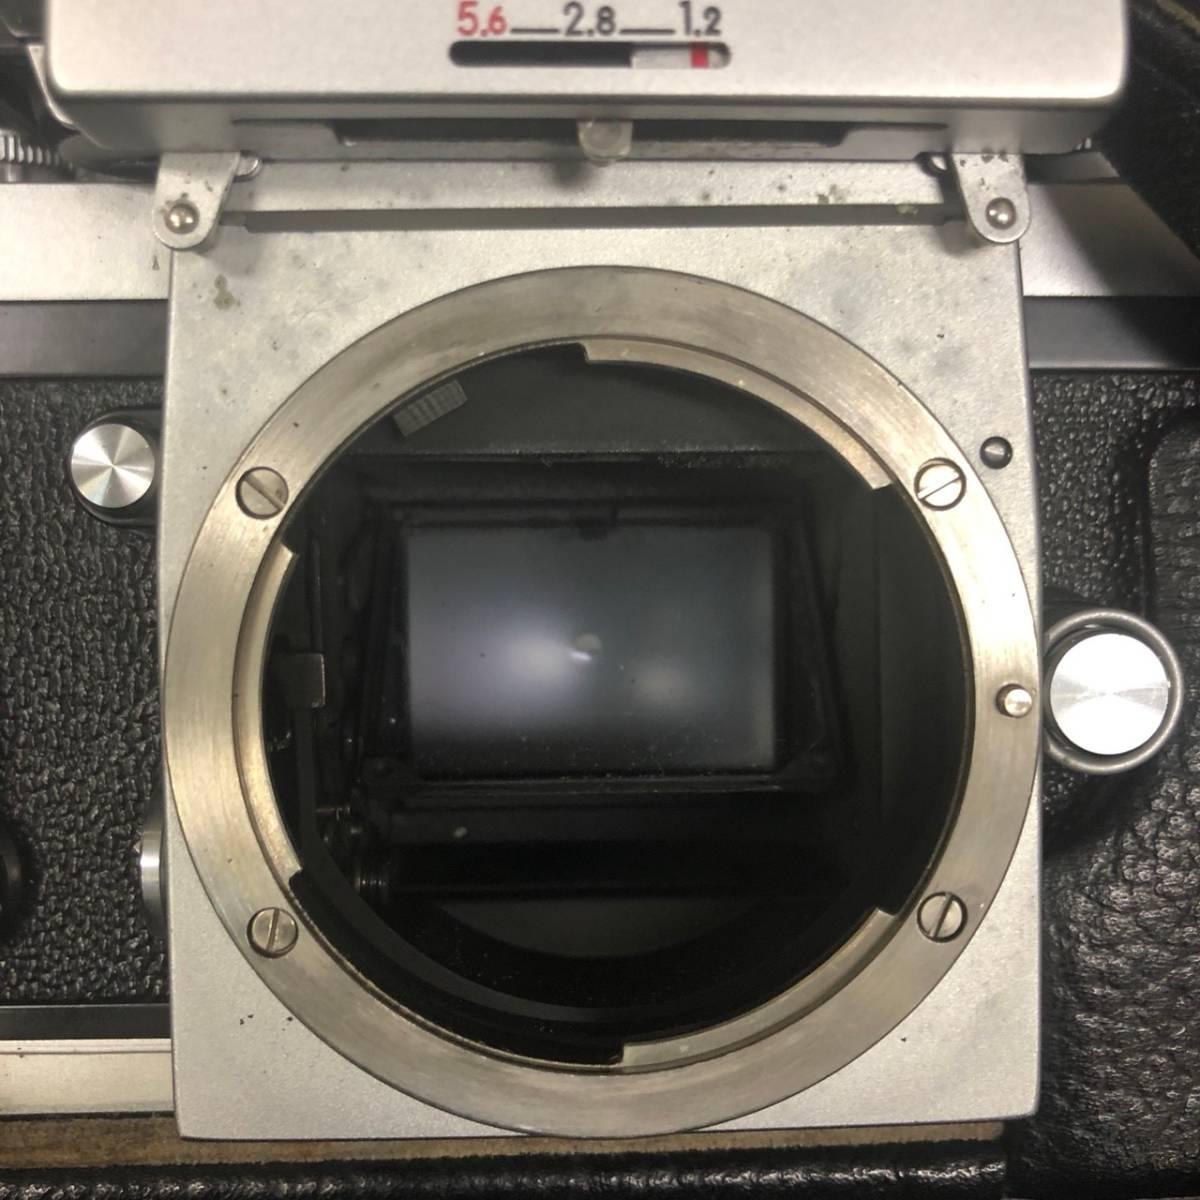 C20A01A Nikon F ニコン 一眼レフ カメラ レンズ 1:1.4 50mm ファインダー フォトミックファインダー _画像5